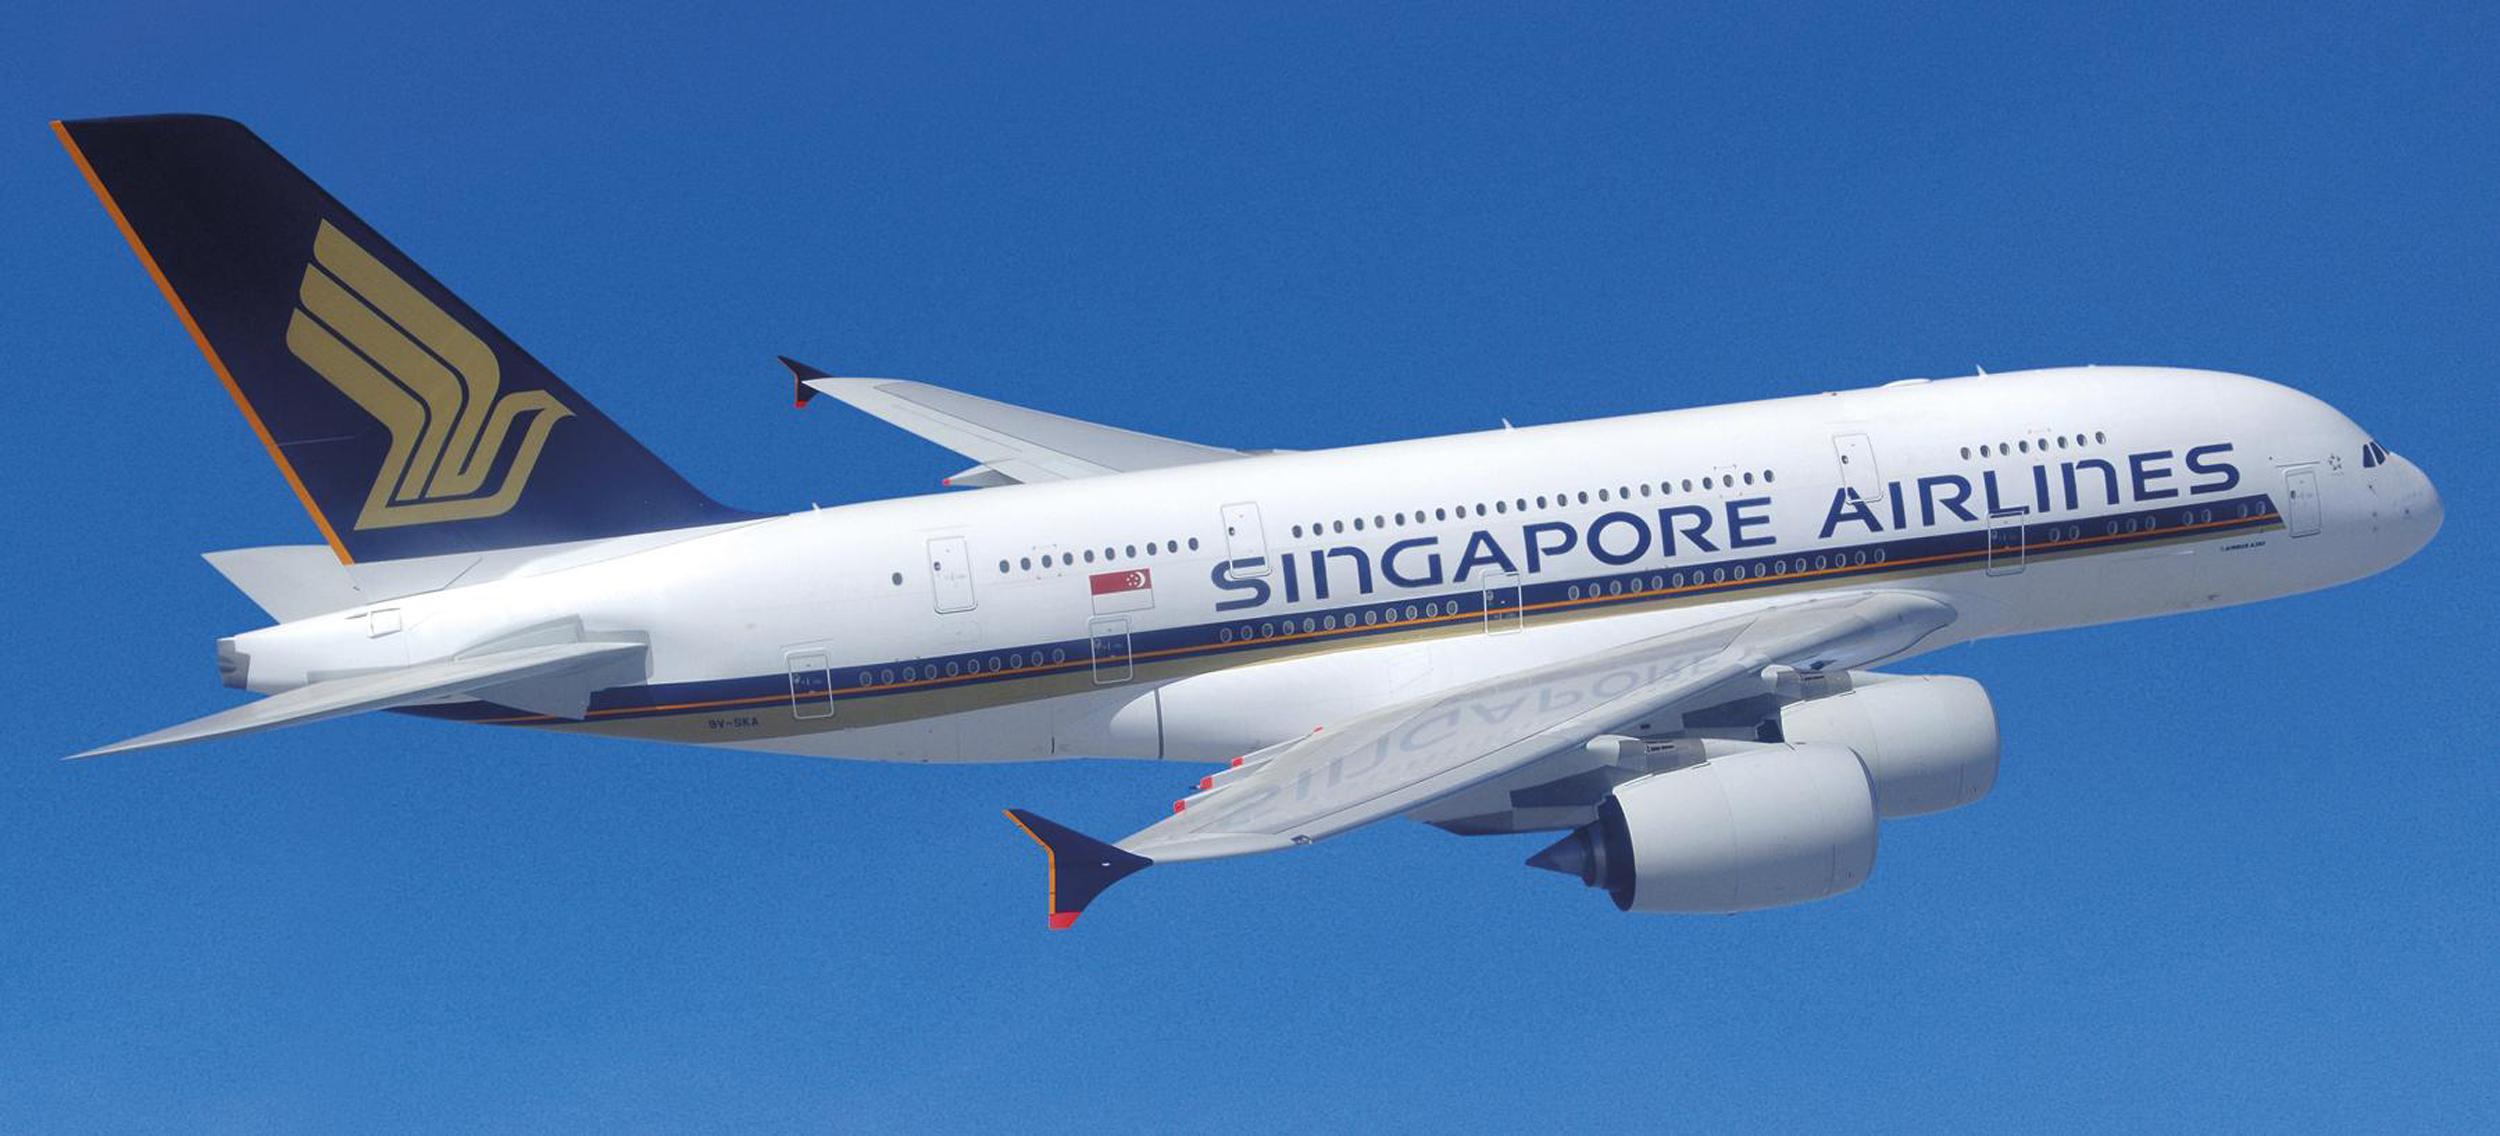 aerolineas-internacionales-las-mejores-singapore-airlines